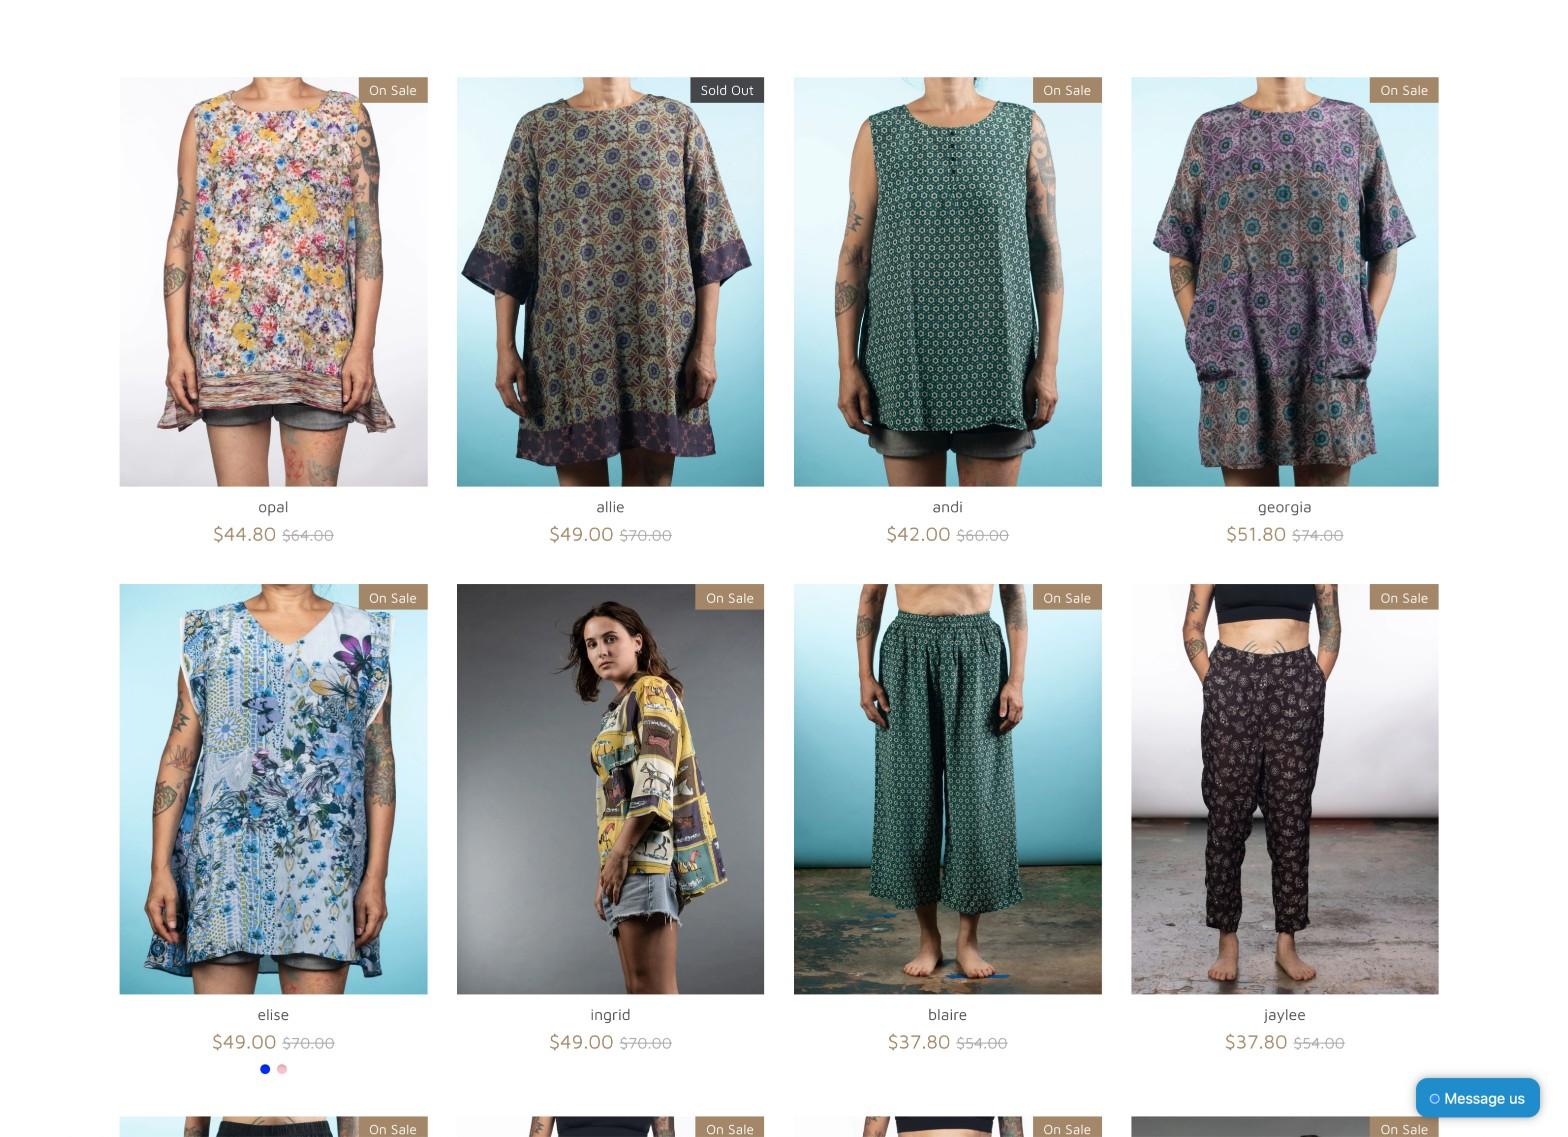 e-commerce womenswear boutique